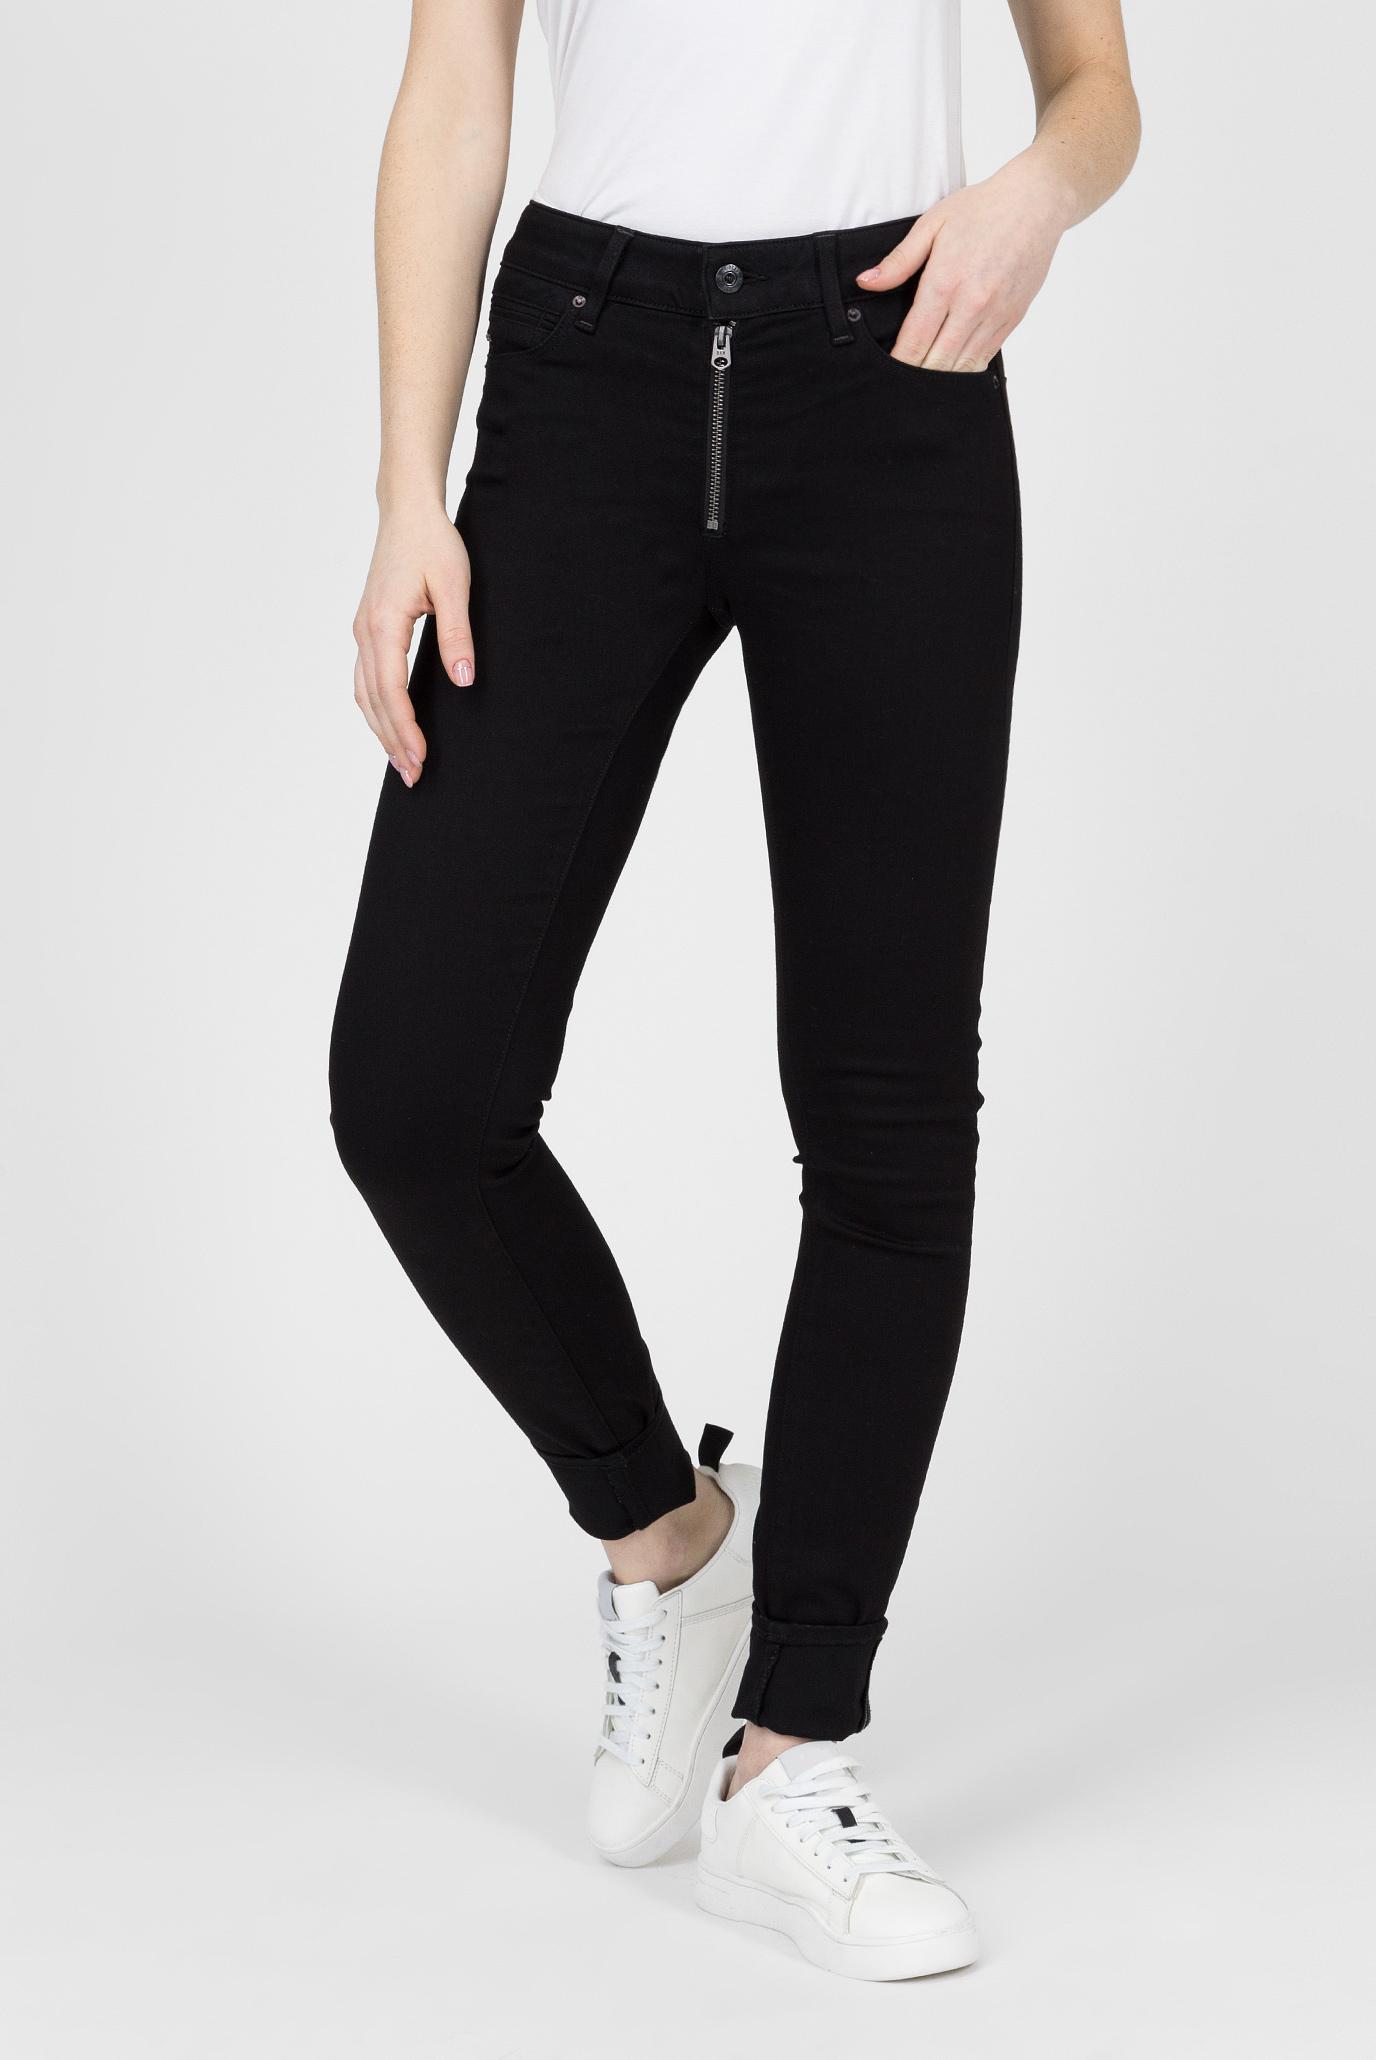 Купить Женские черные джинсы G-Star RAW G-Star RAW D12371,9142 – Киев, Украина. Цены в интернет магазине MD Fashion